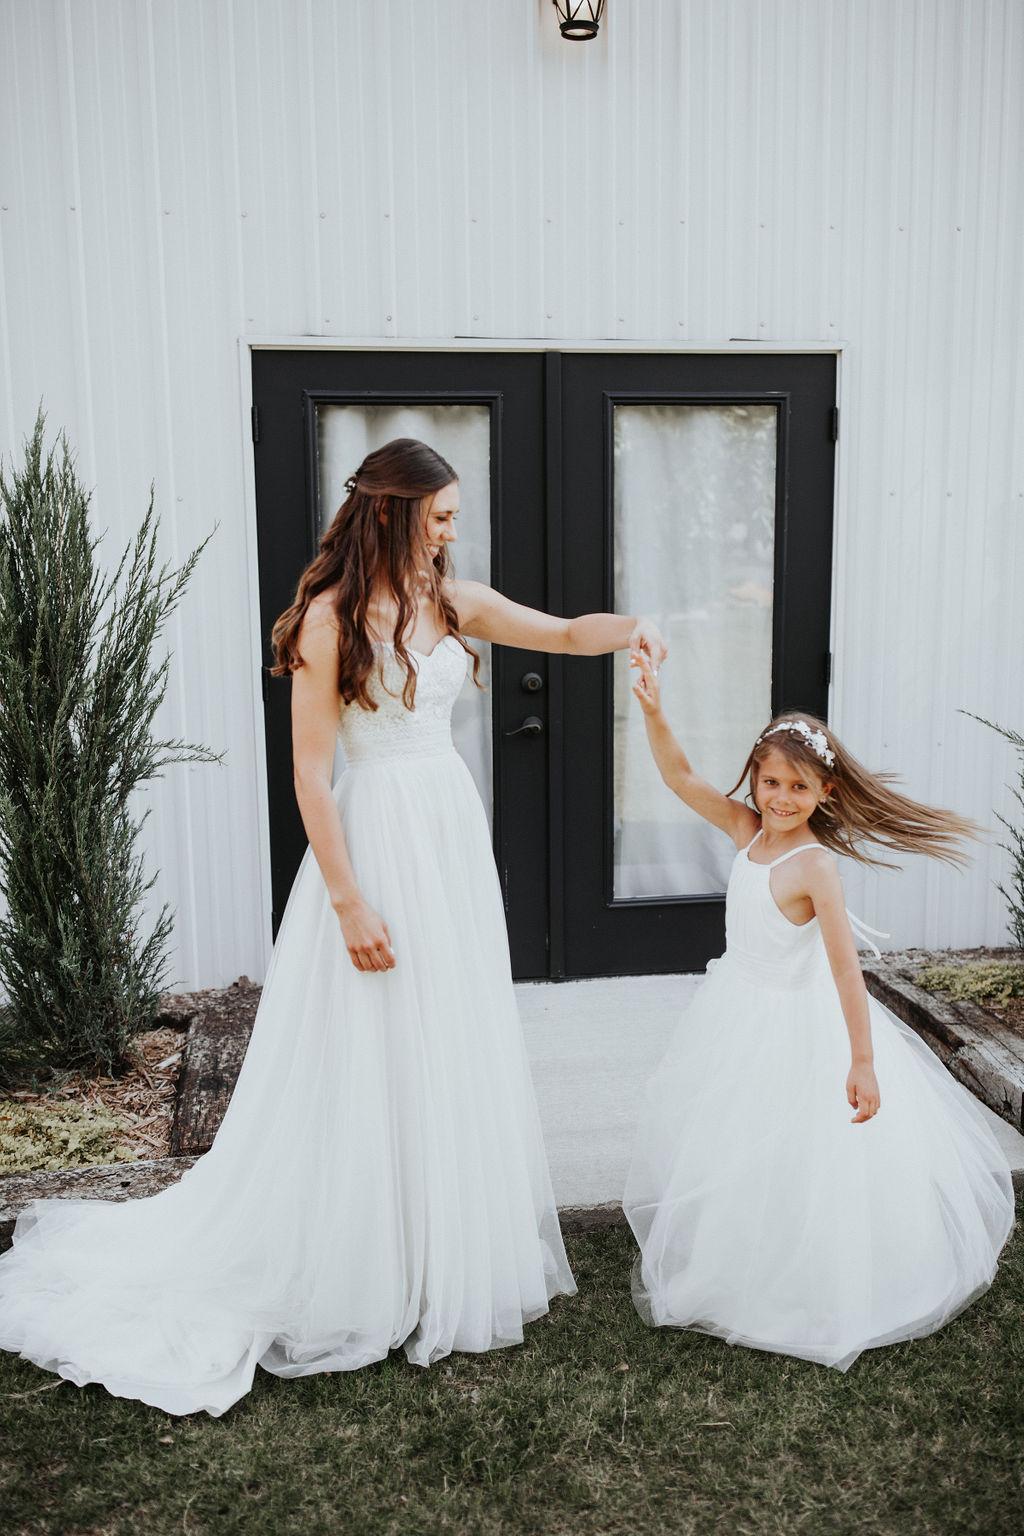 Tulsa Outdoor Wedding Venues 16.jpg